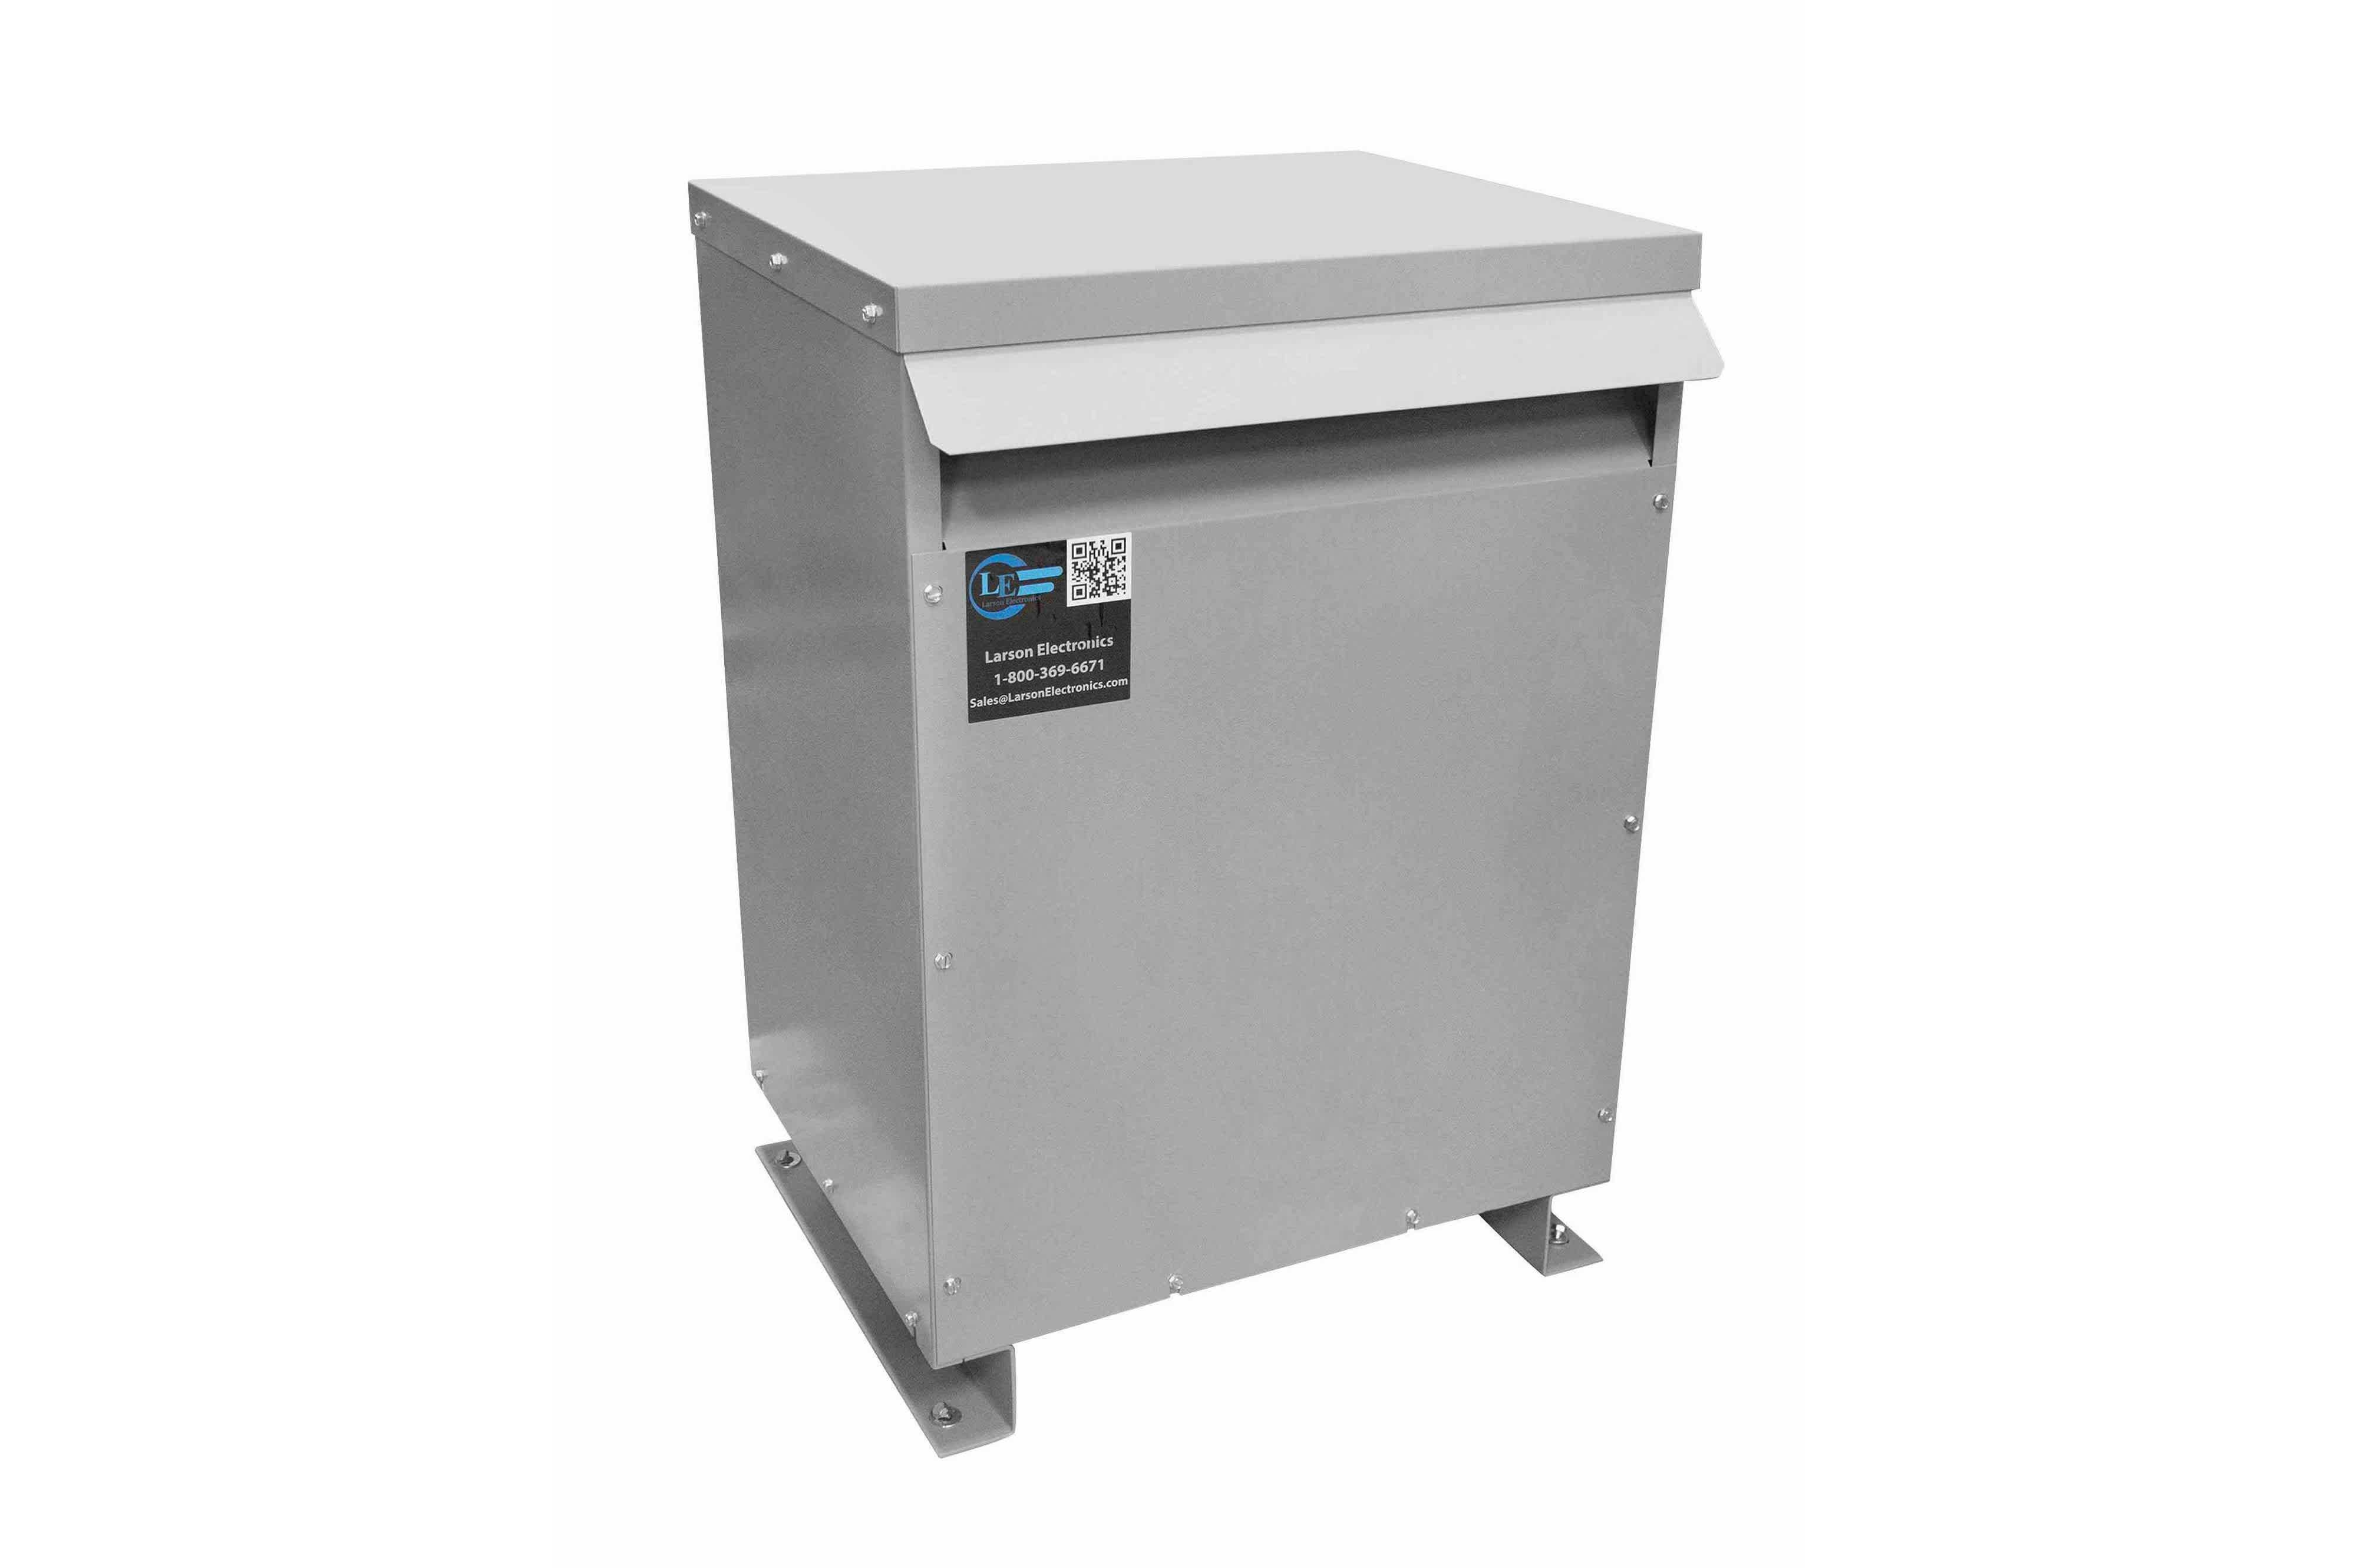 167 kVA 3PH DOE Transformer, 600V Delta Primary, 240V/120 Delta Secondary, N3R, Ventilated, 60 Hz